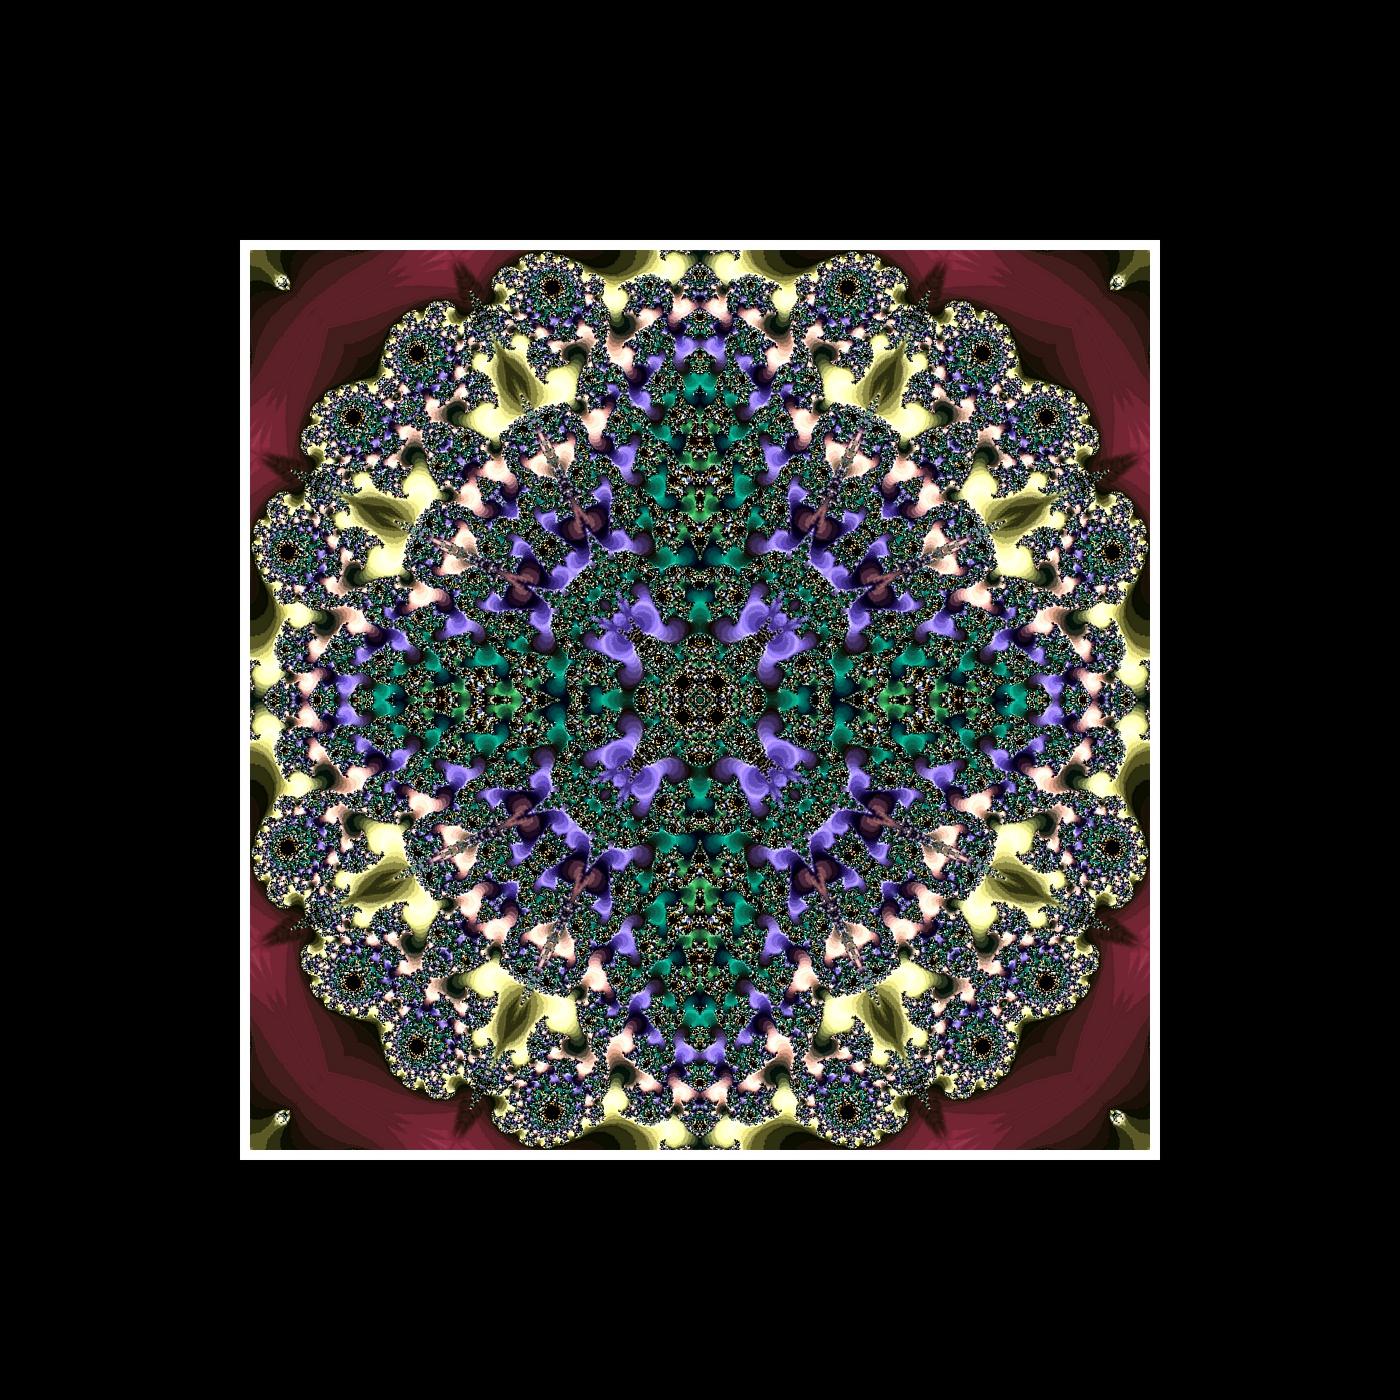 Cgk24616_flactal